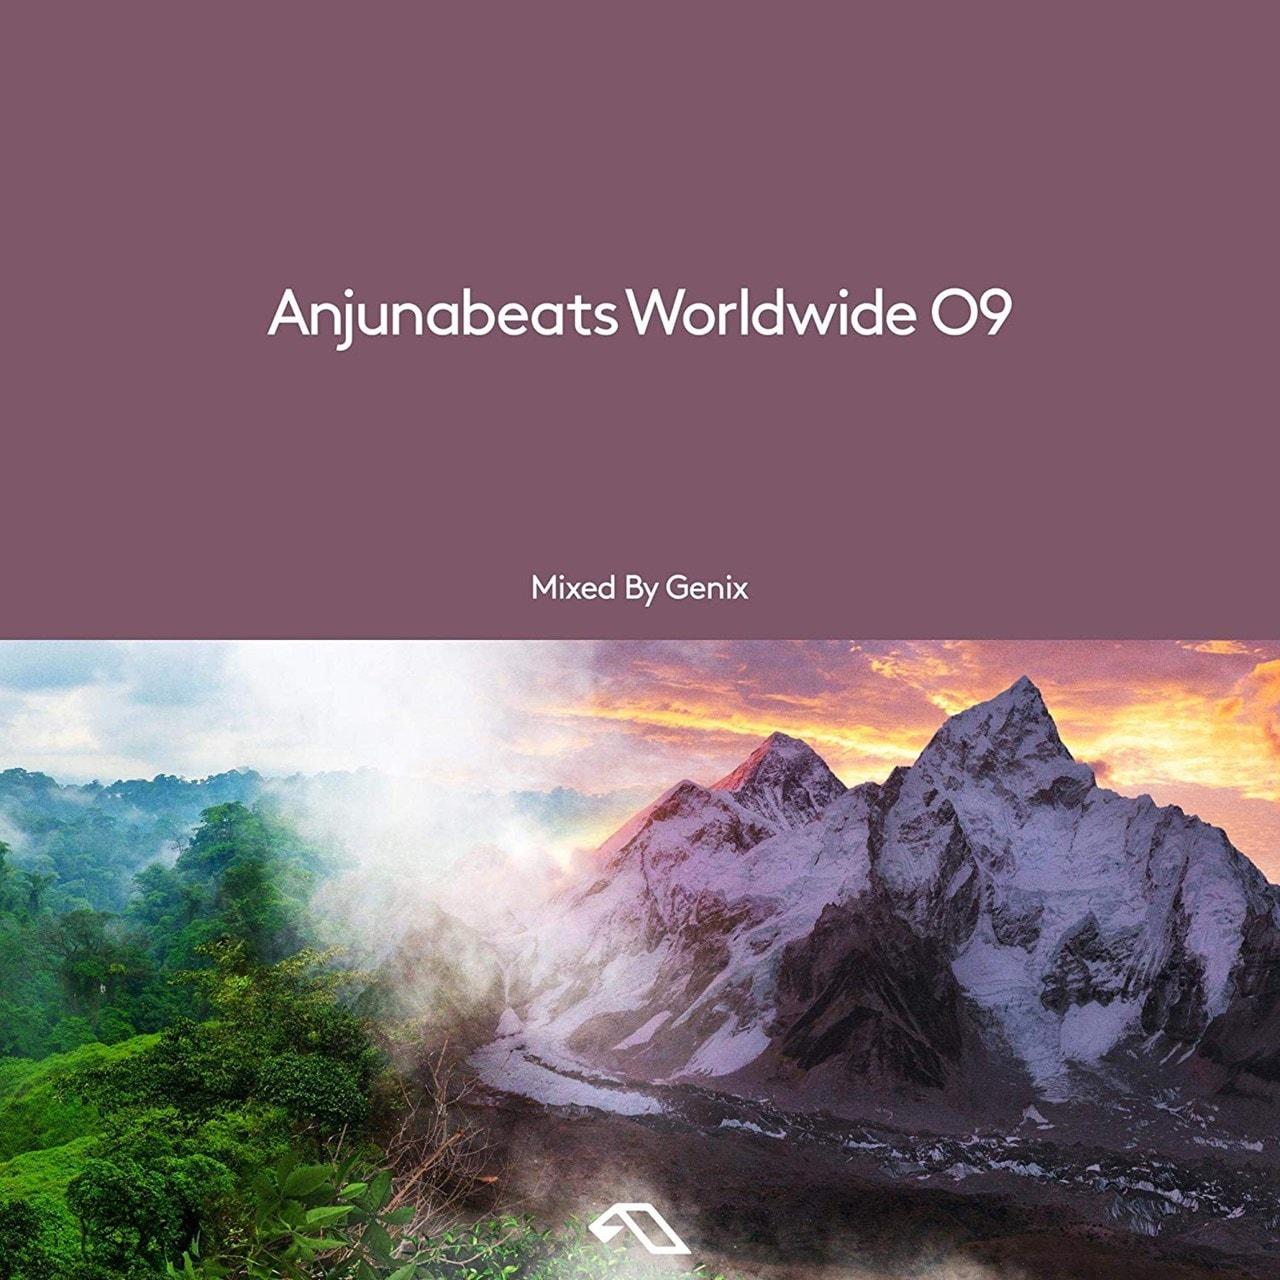 Anjunabeats Worldwide 09: Mixed By Genix - 1